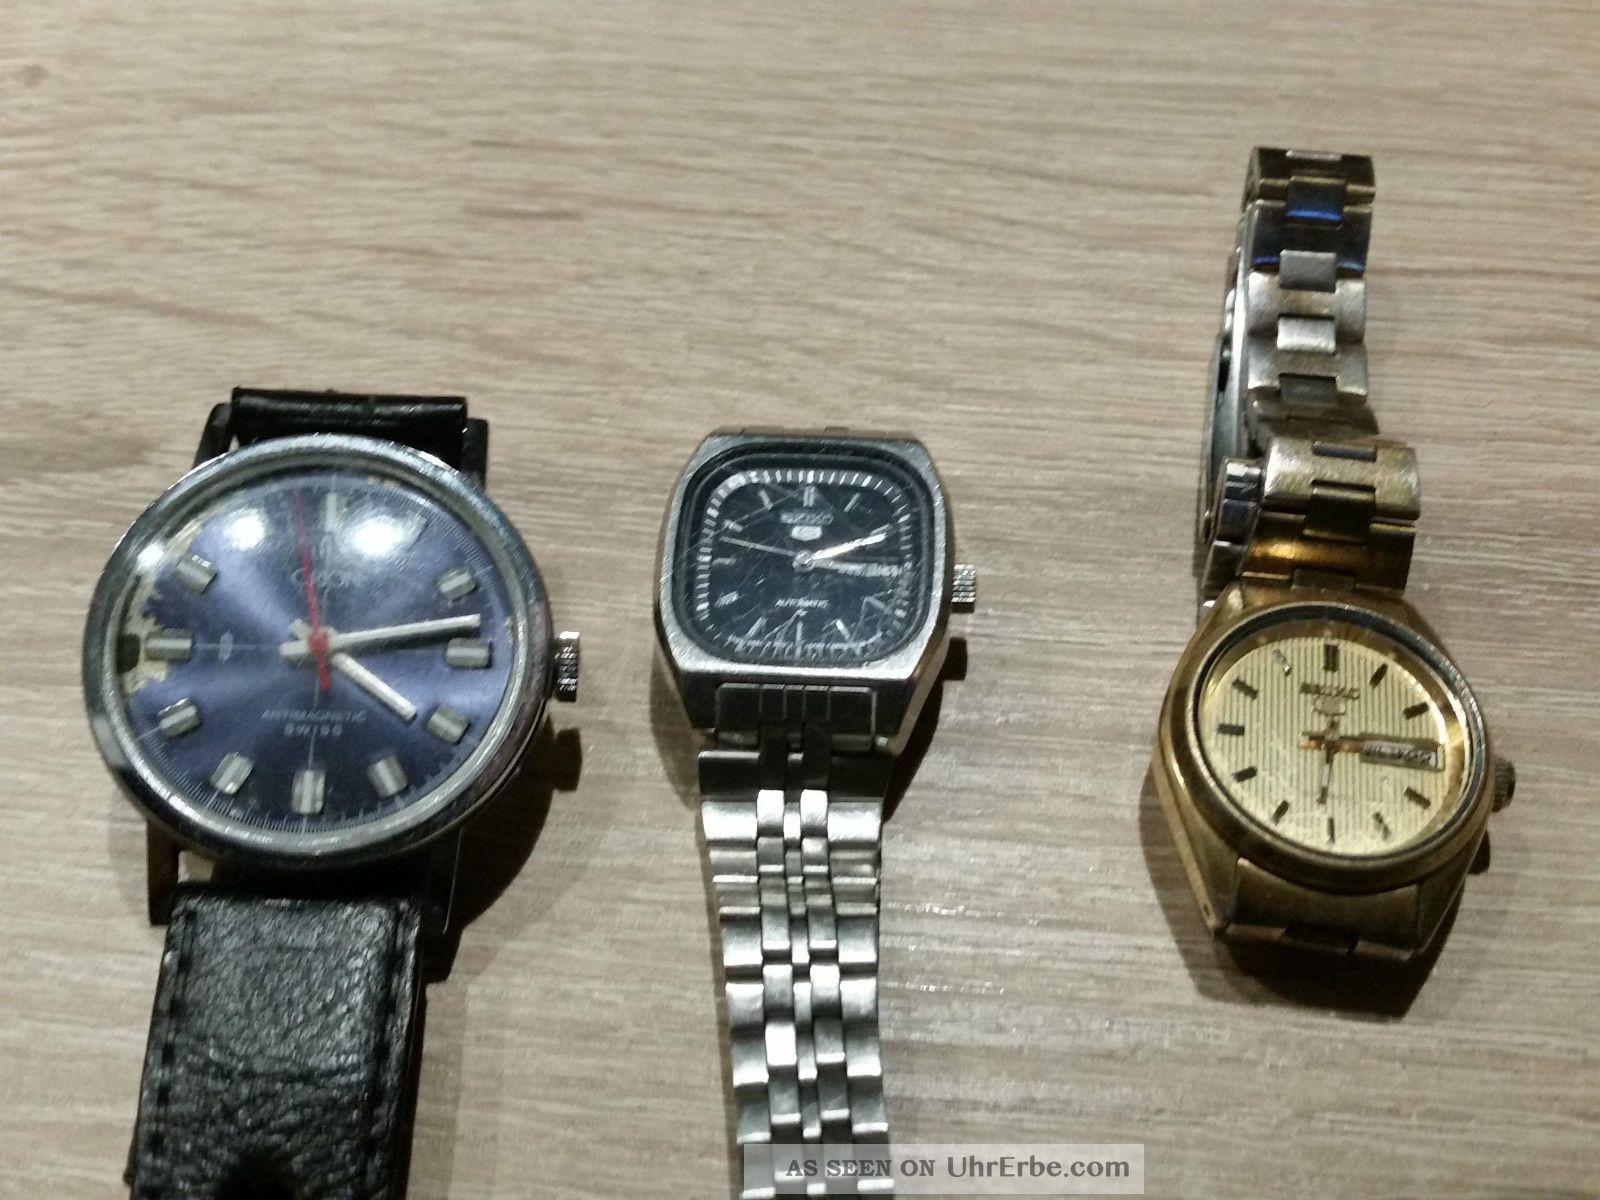 Uhren 1 2 Seiko Orion Von Damen Herren Automatik Konvolut Und vmwOny80NP